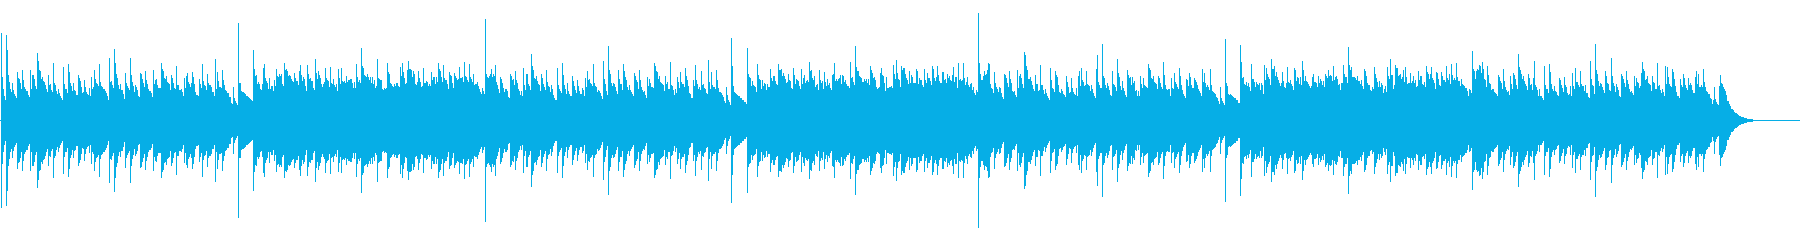 グリーンスリーブス / オルゴールの再生済みの波形